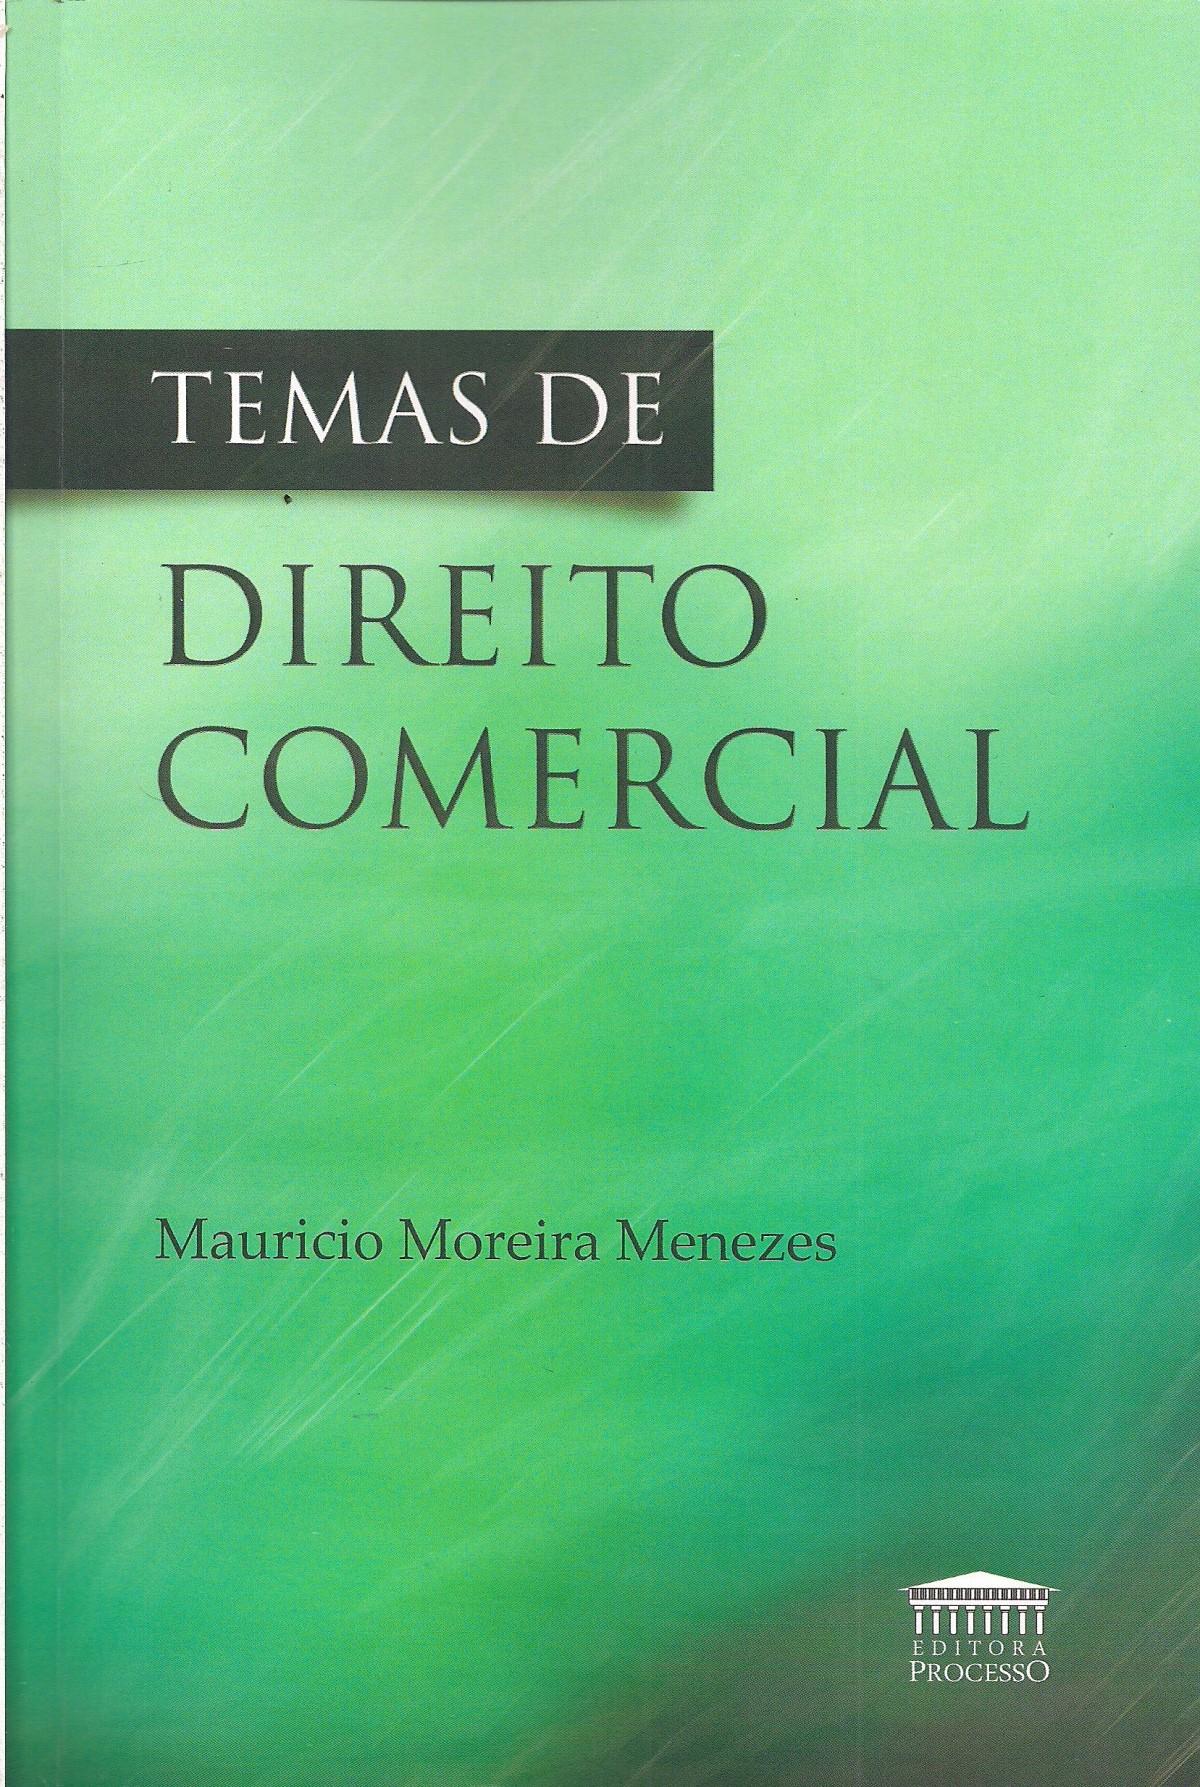 Foto 1 - Temas de Direito Comercial